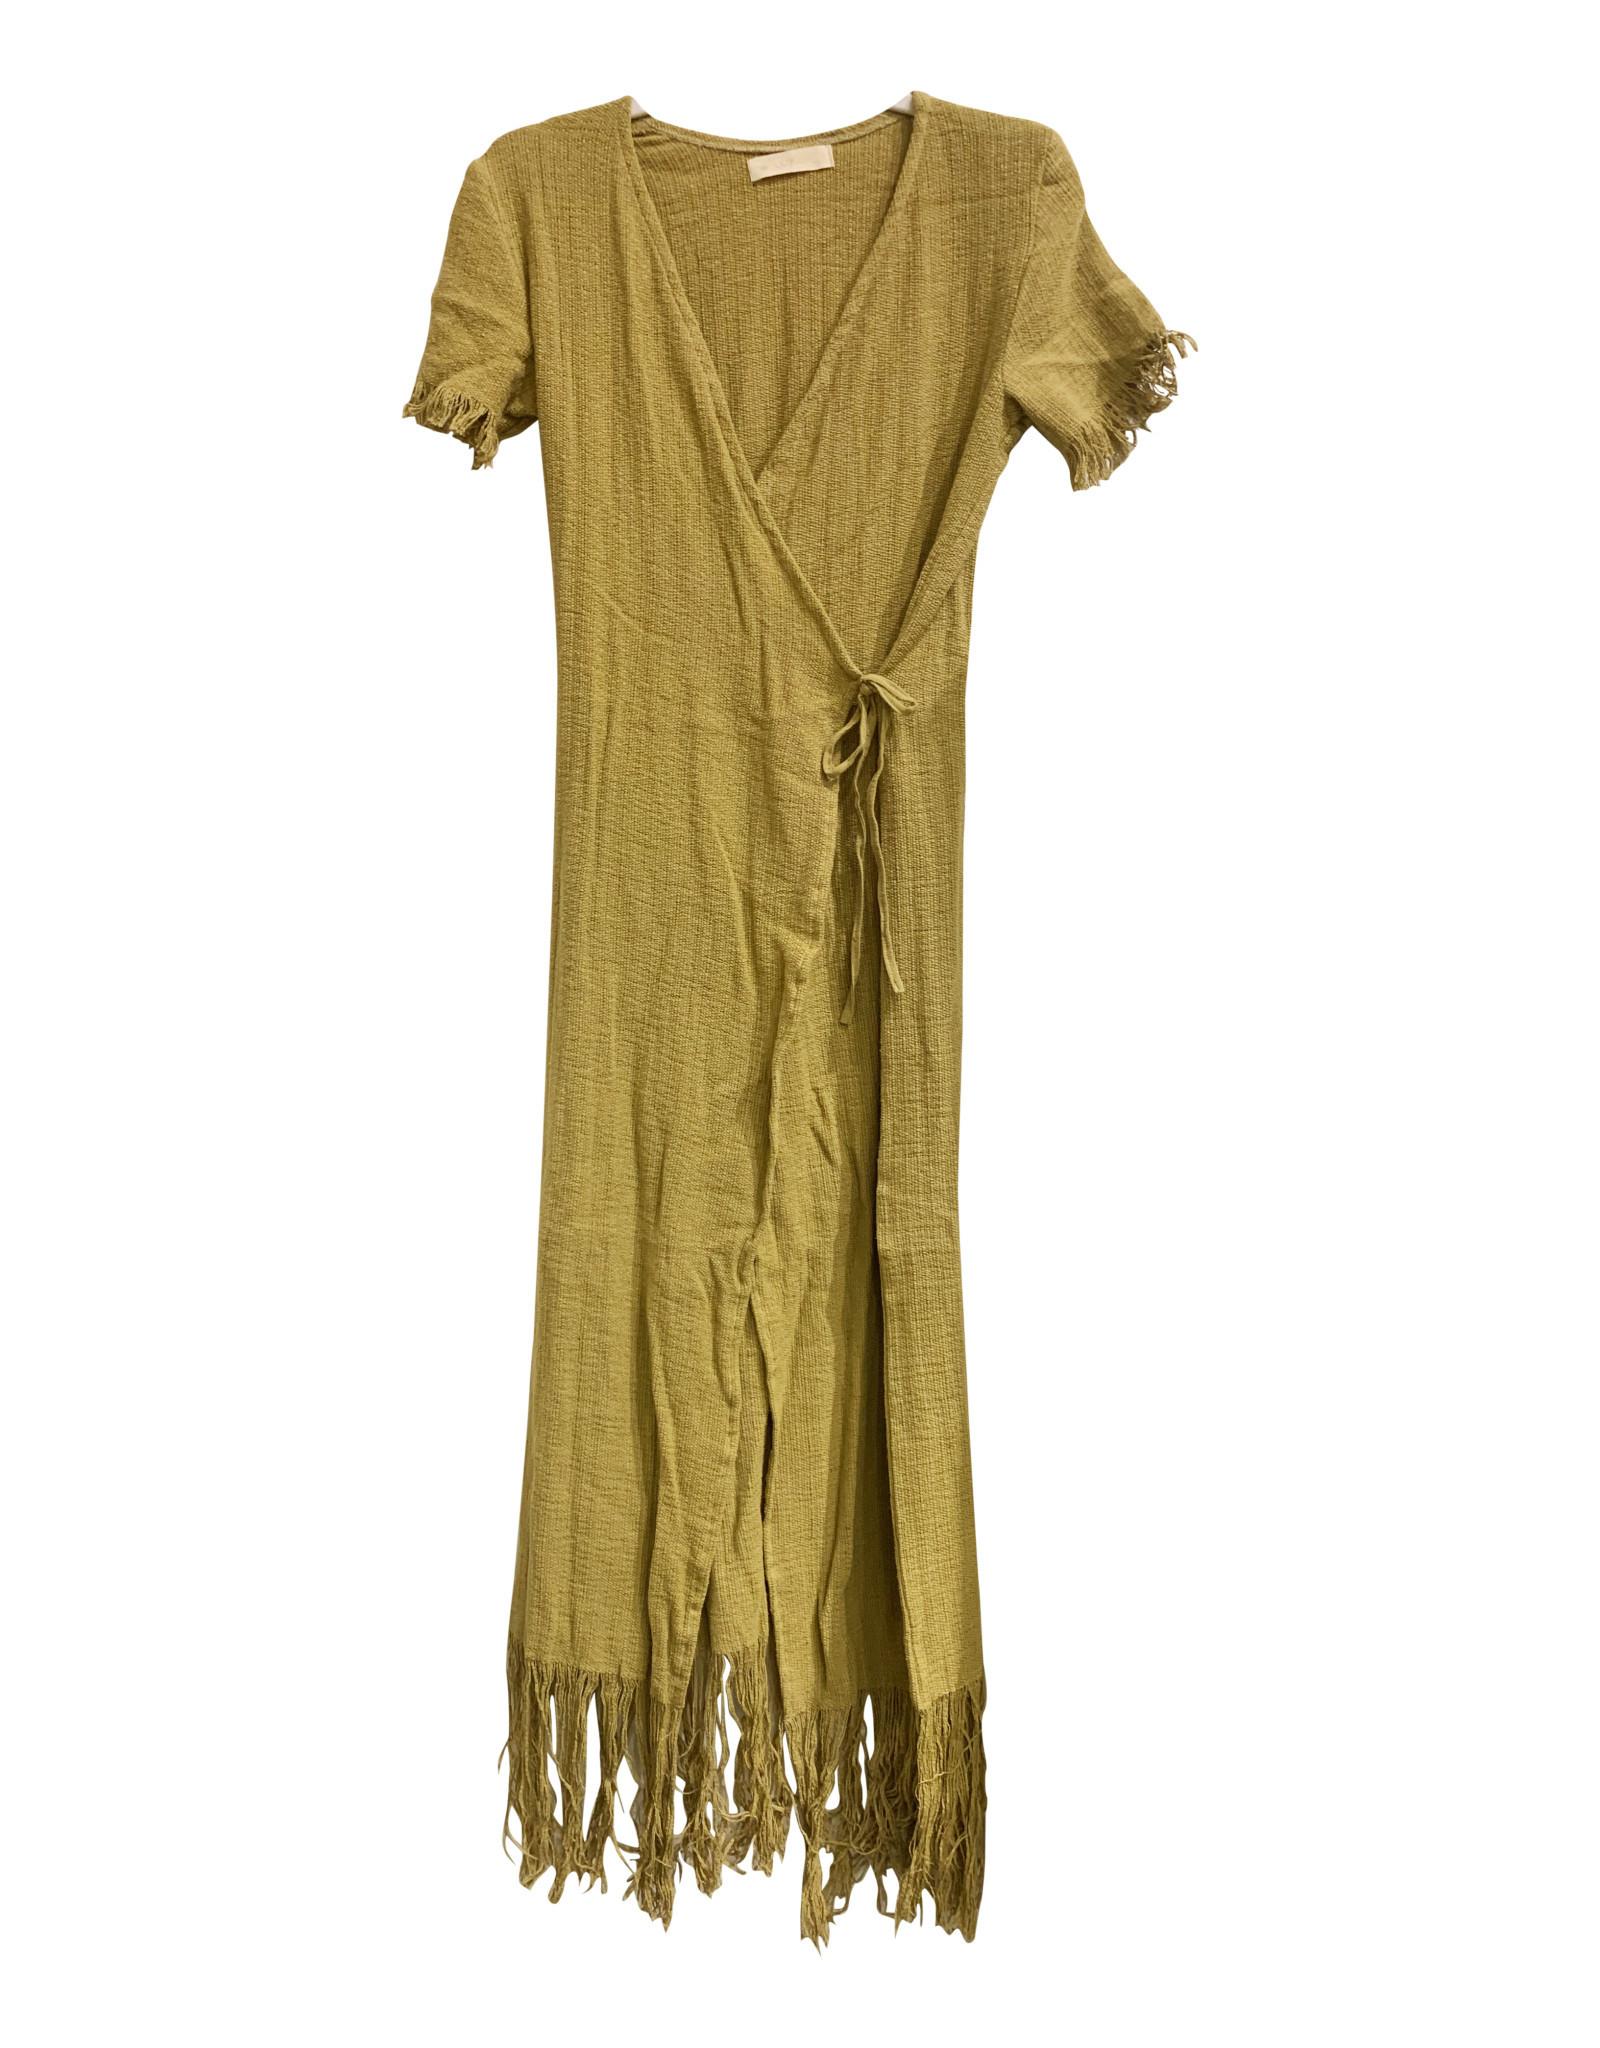 La Troupe Vestido Sandalo Mustard